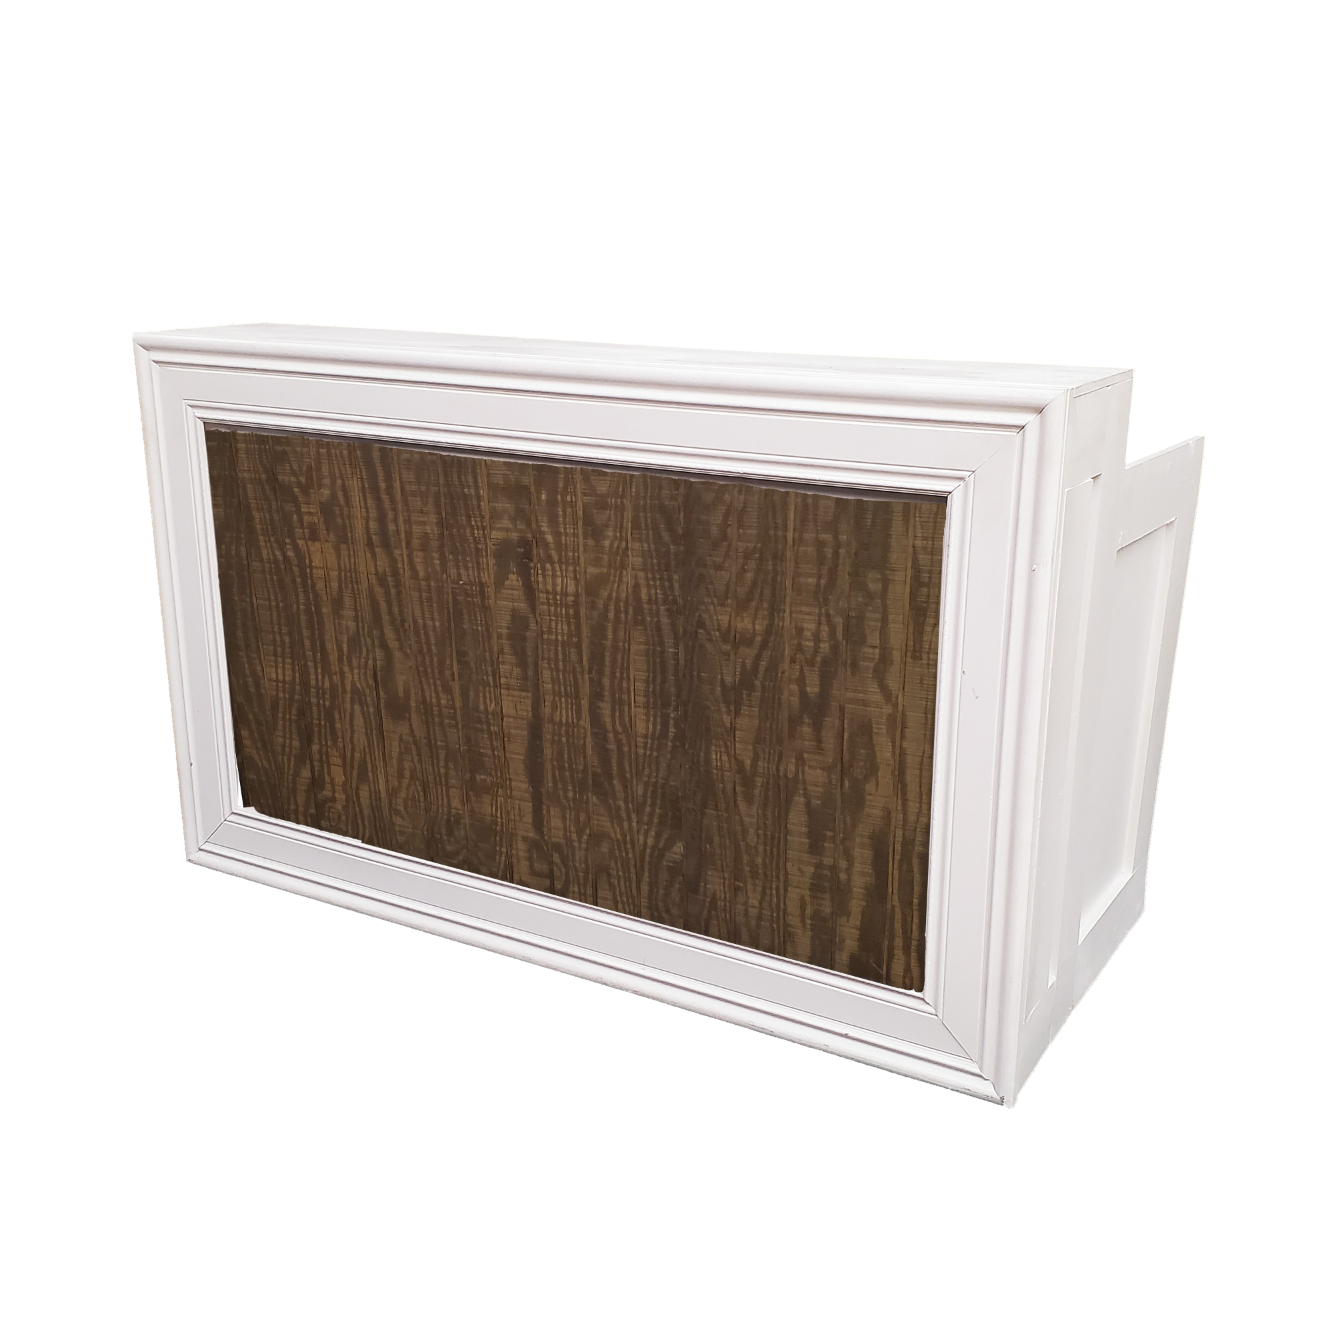 White Frame/Mahogany Insert $250